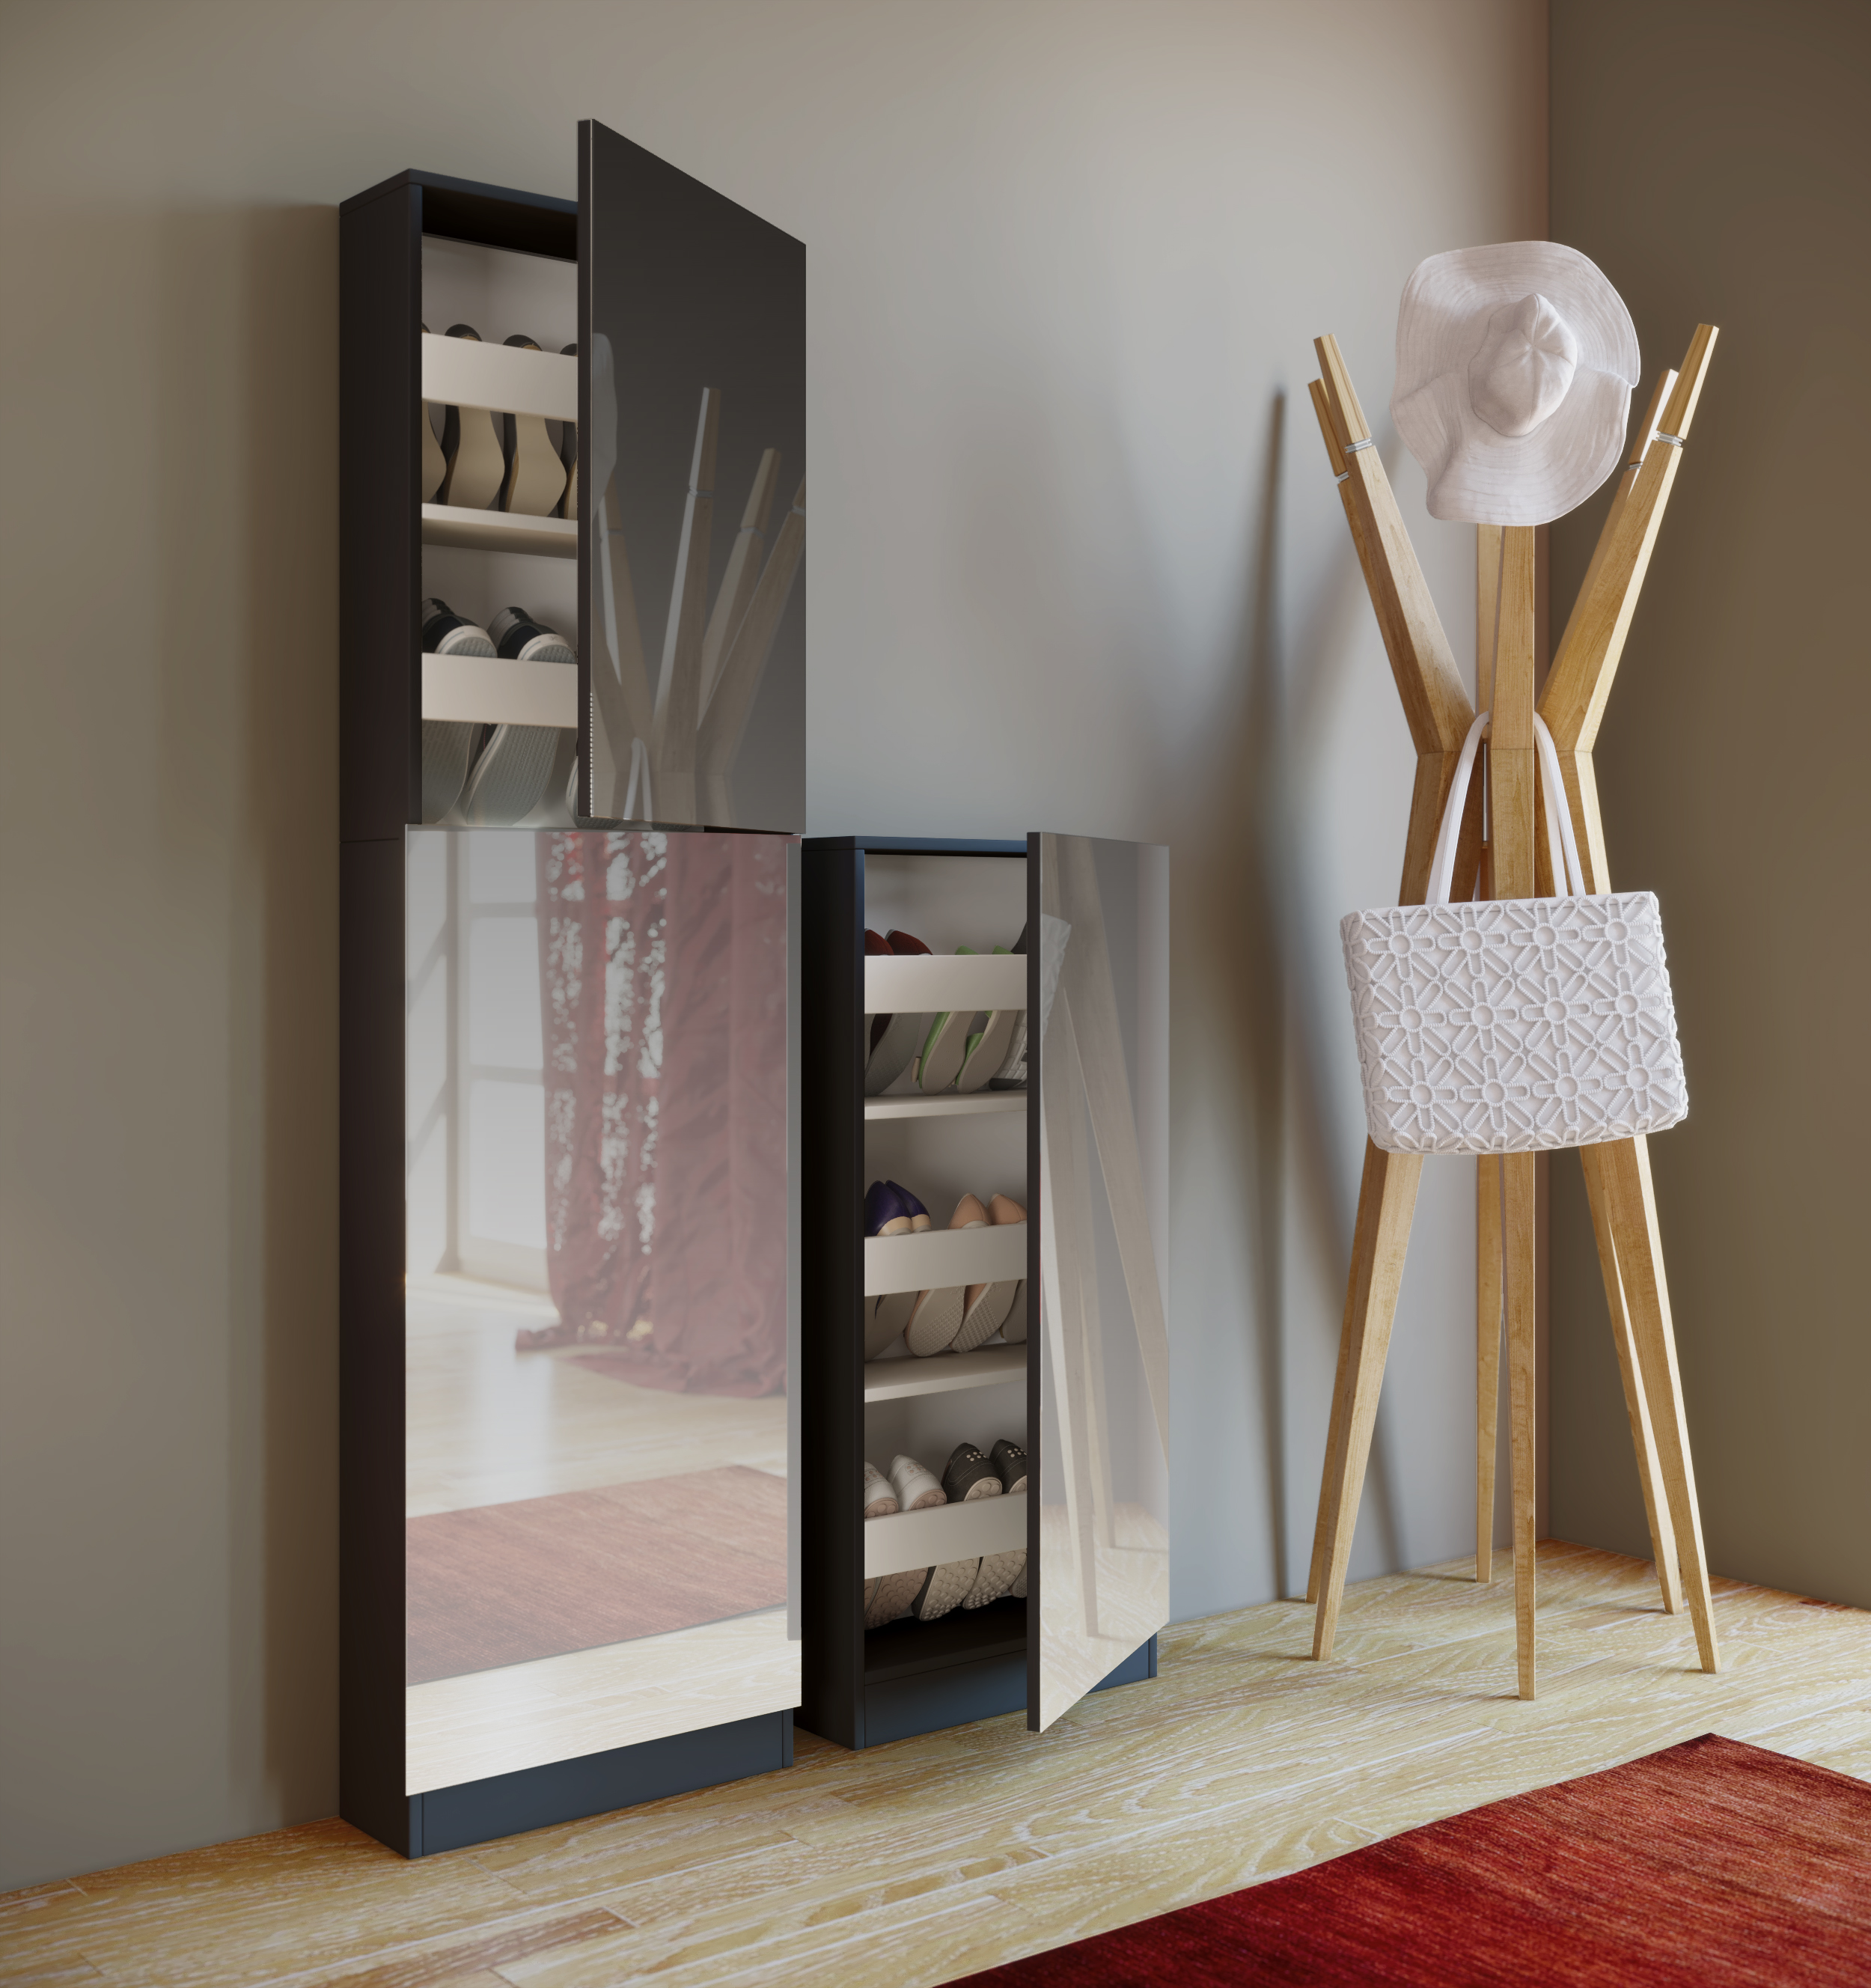 schuhschrank schwarz mit spiegel schuhablage schuhregal. Black Bedroom Furniture Sets. Home Design Ideas